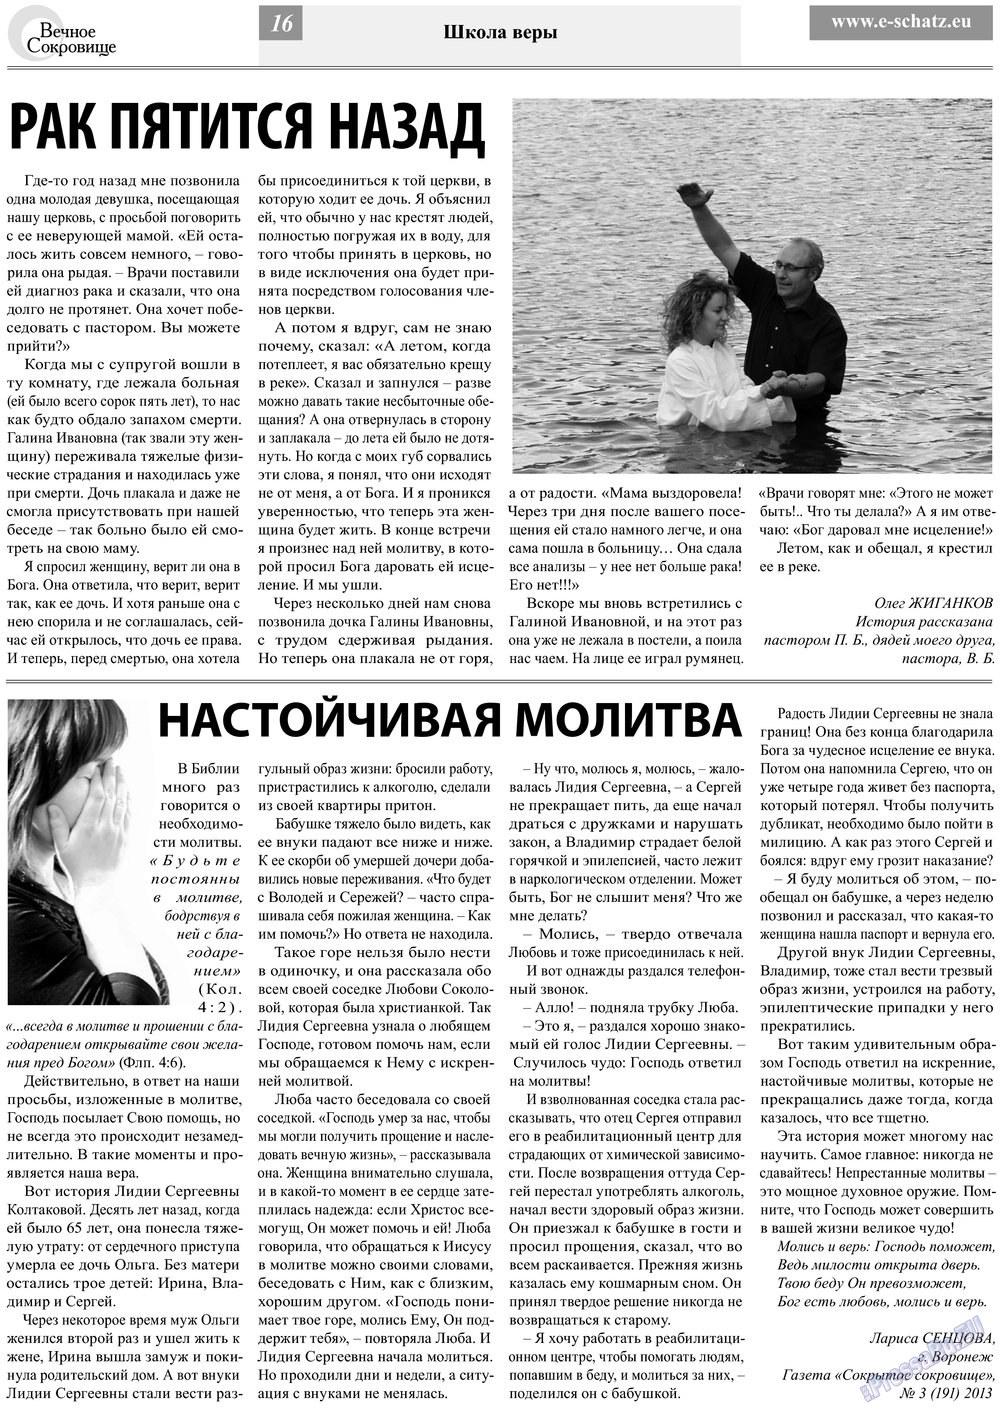 Вечное сокровище (газета). 2013 год, номер 2, стр. 16